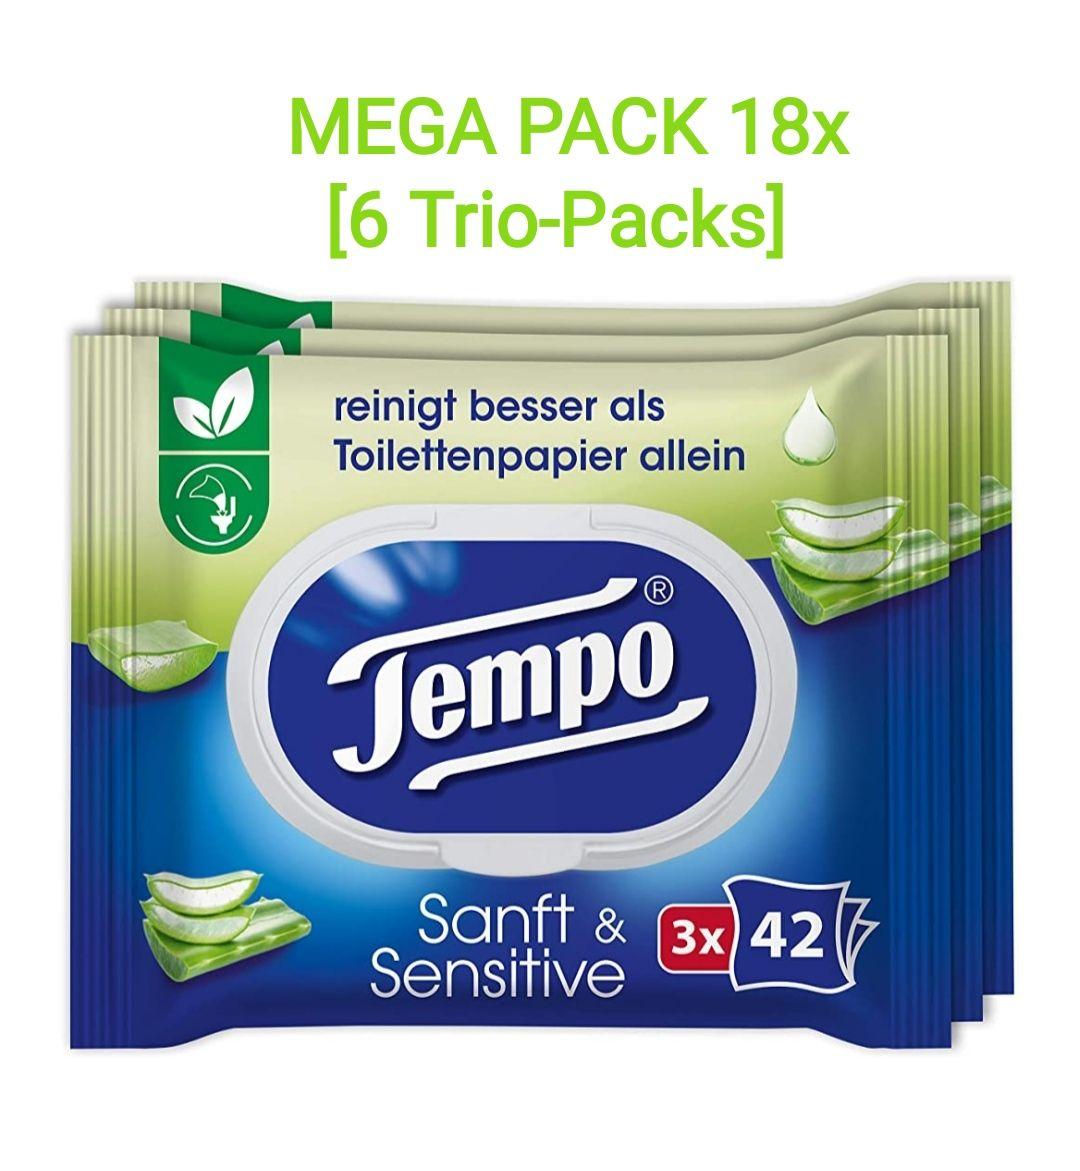 1kg Großpackung 18 Packs zu je 42 Tempo feuchte Toilettentücher bei Amazon im Spar-Abo zum Bestpreis von 17,61€ [16,41€ möglich] VKfrei 4all